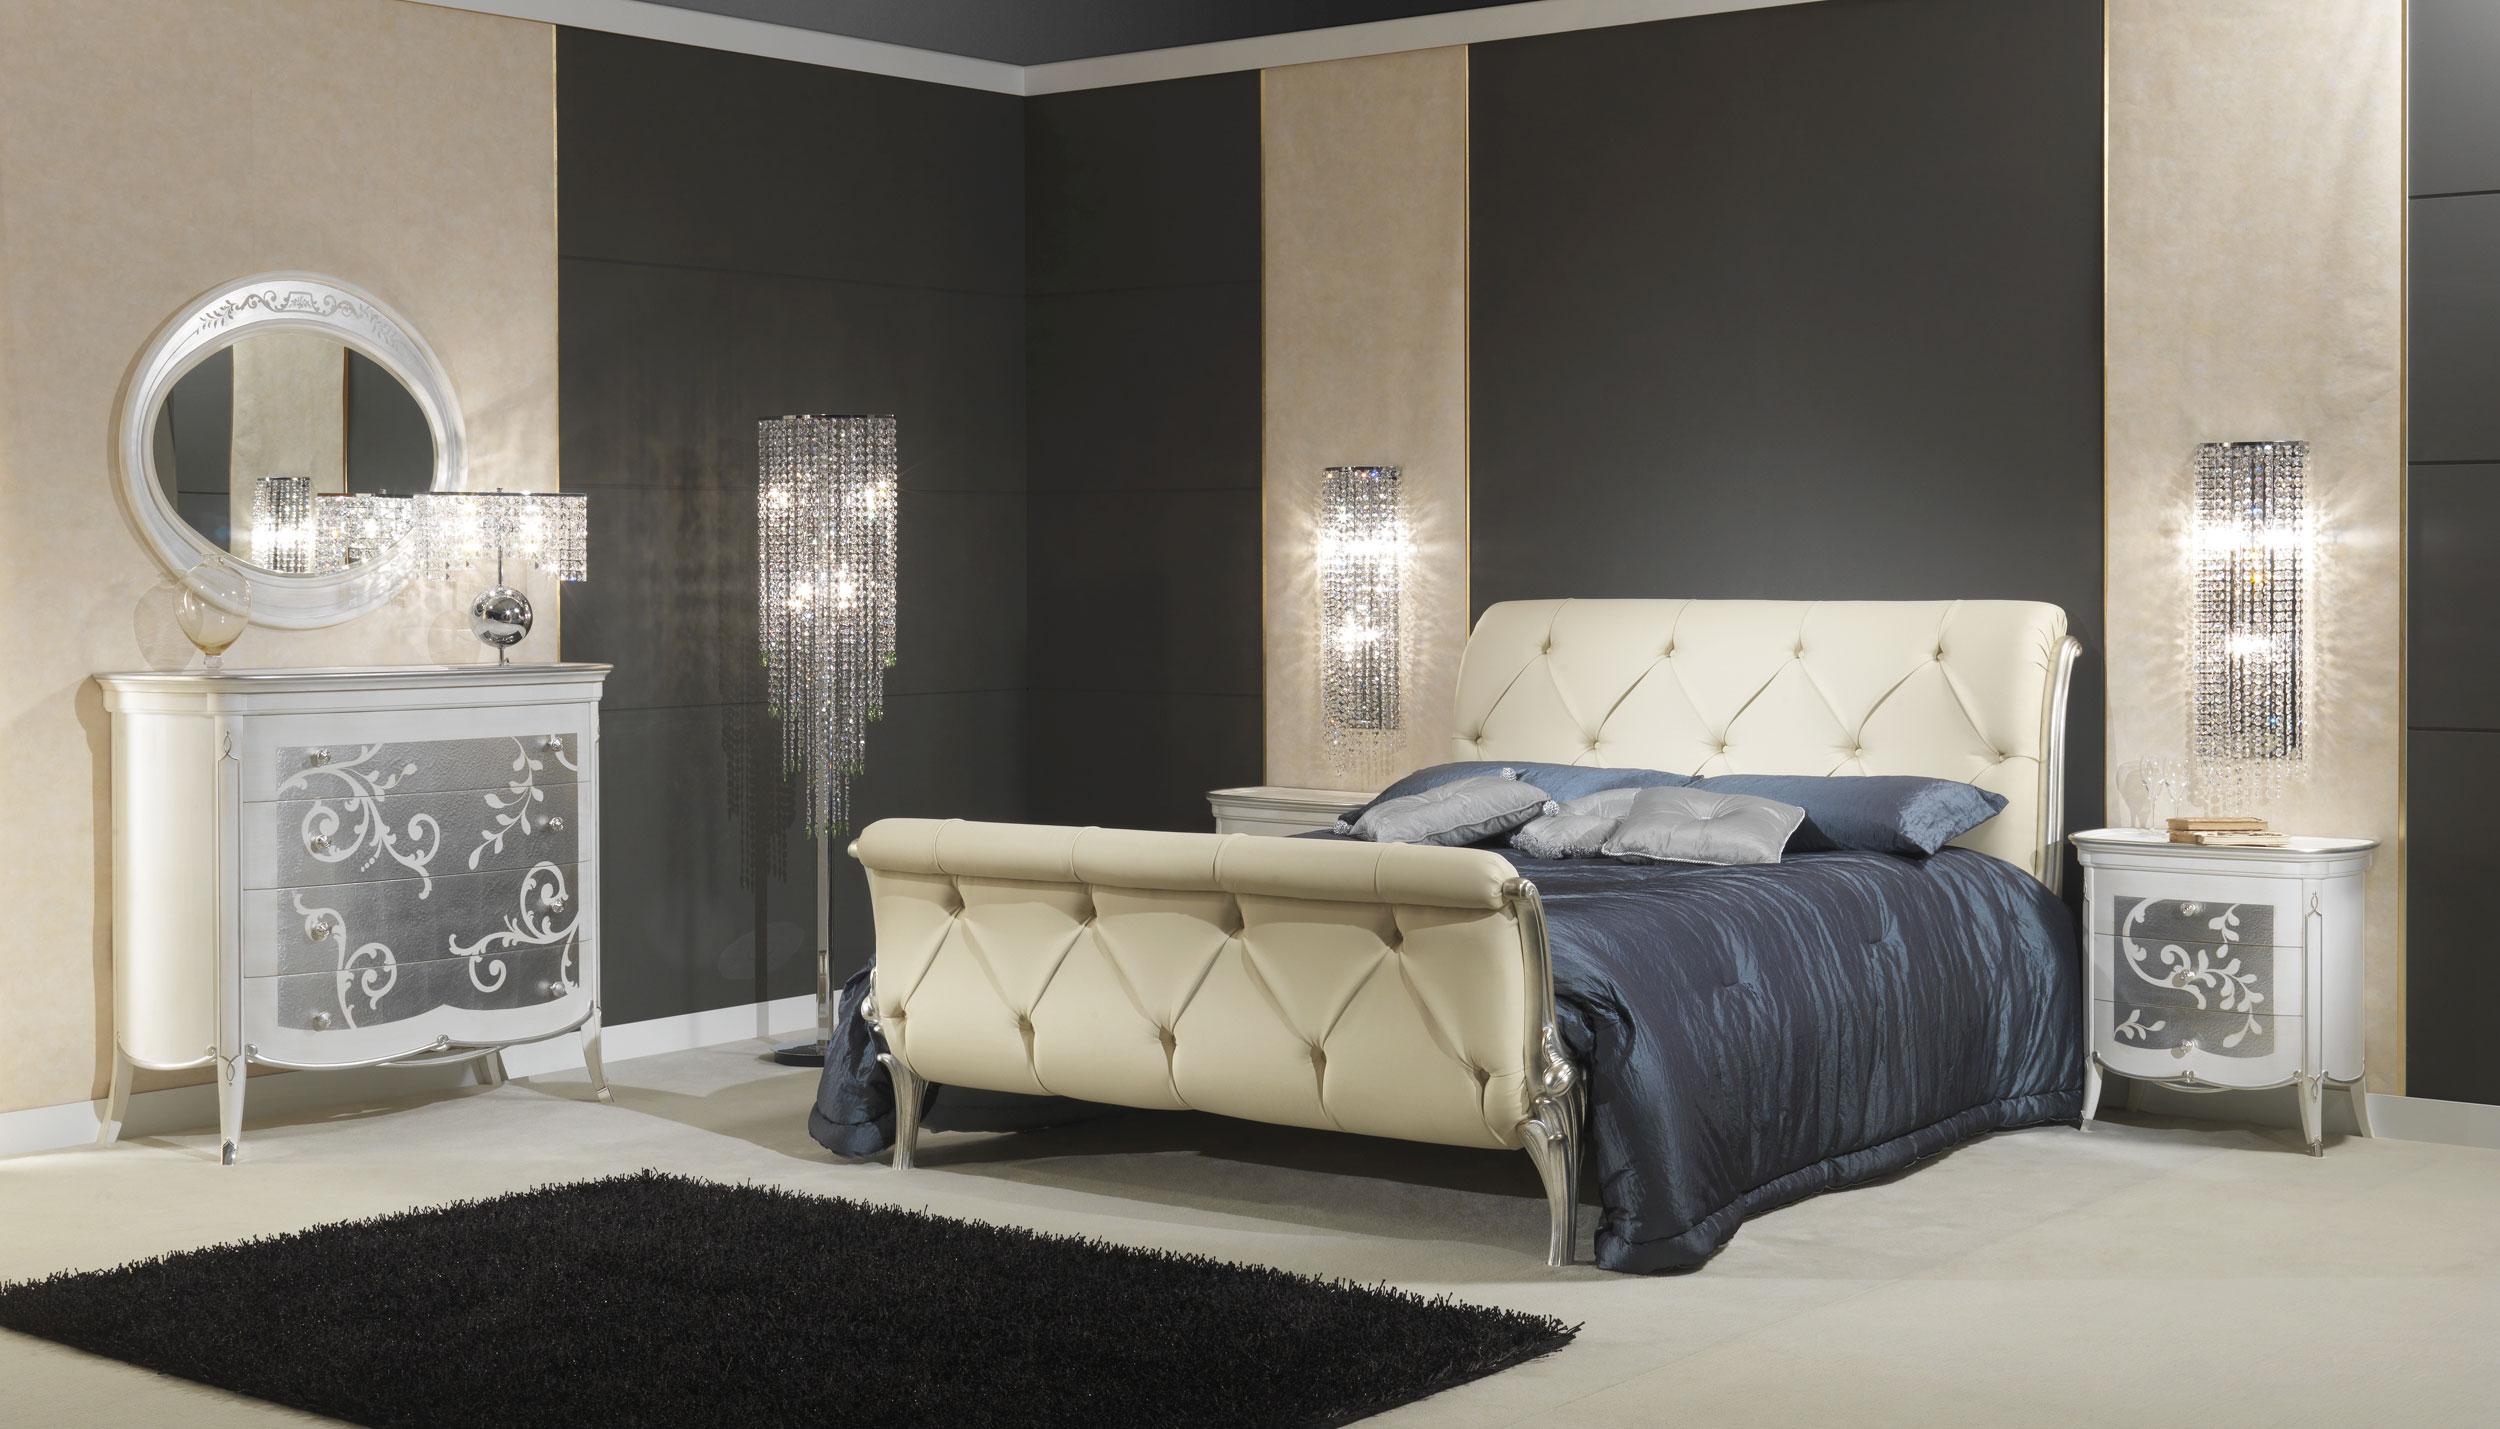 Camera da letto in stile dec made in italy vimercati meda for Camera da letto in stile sud ovest